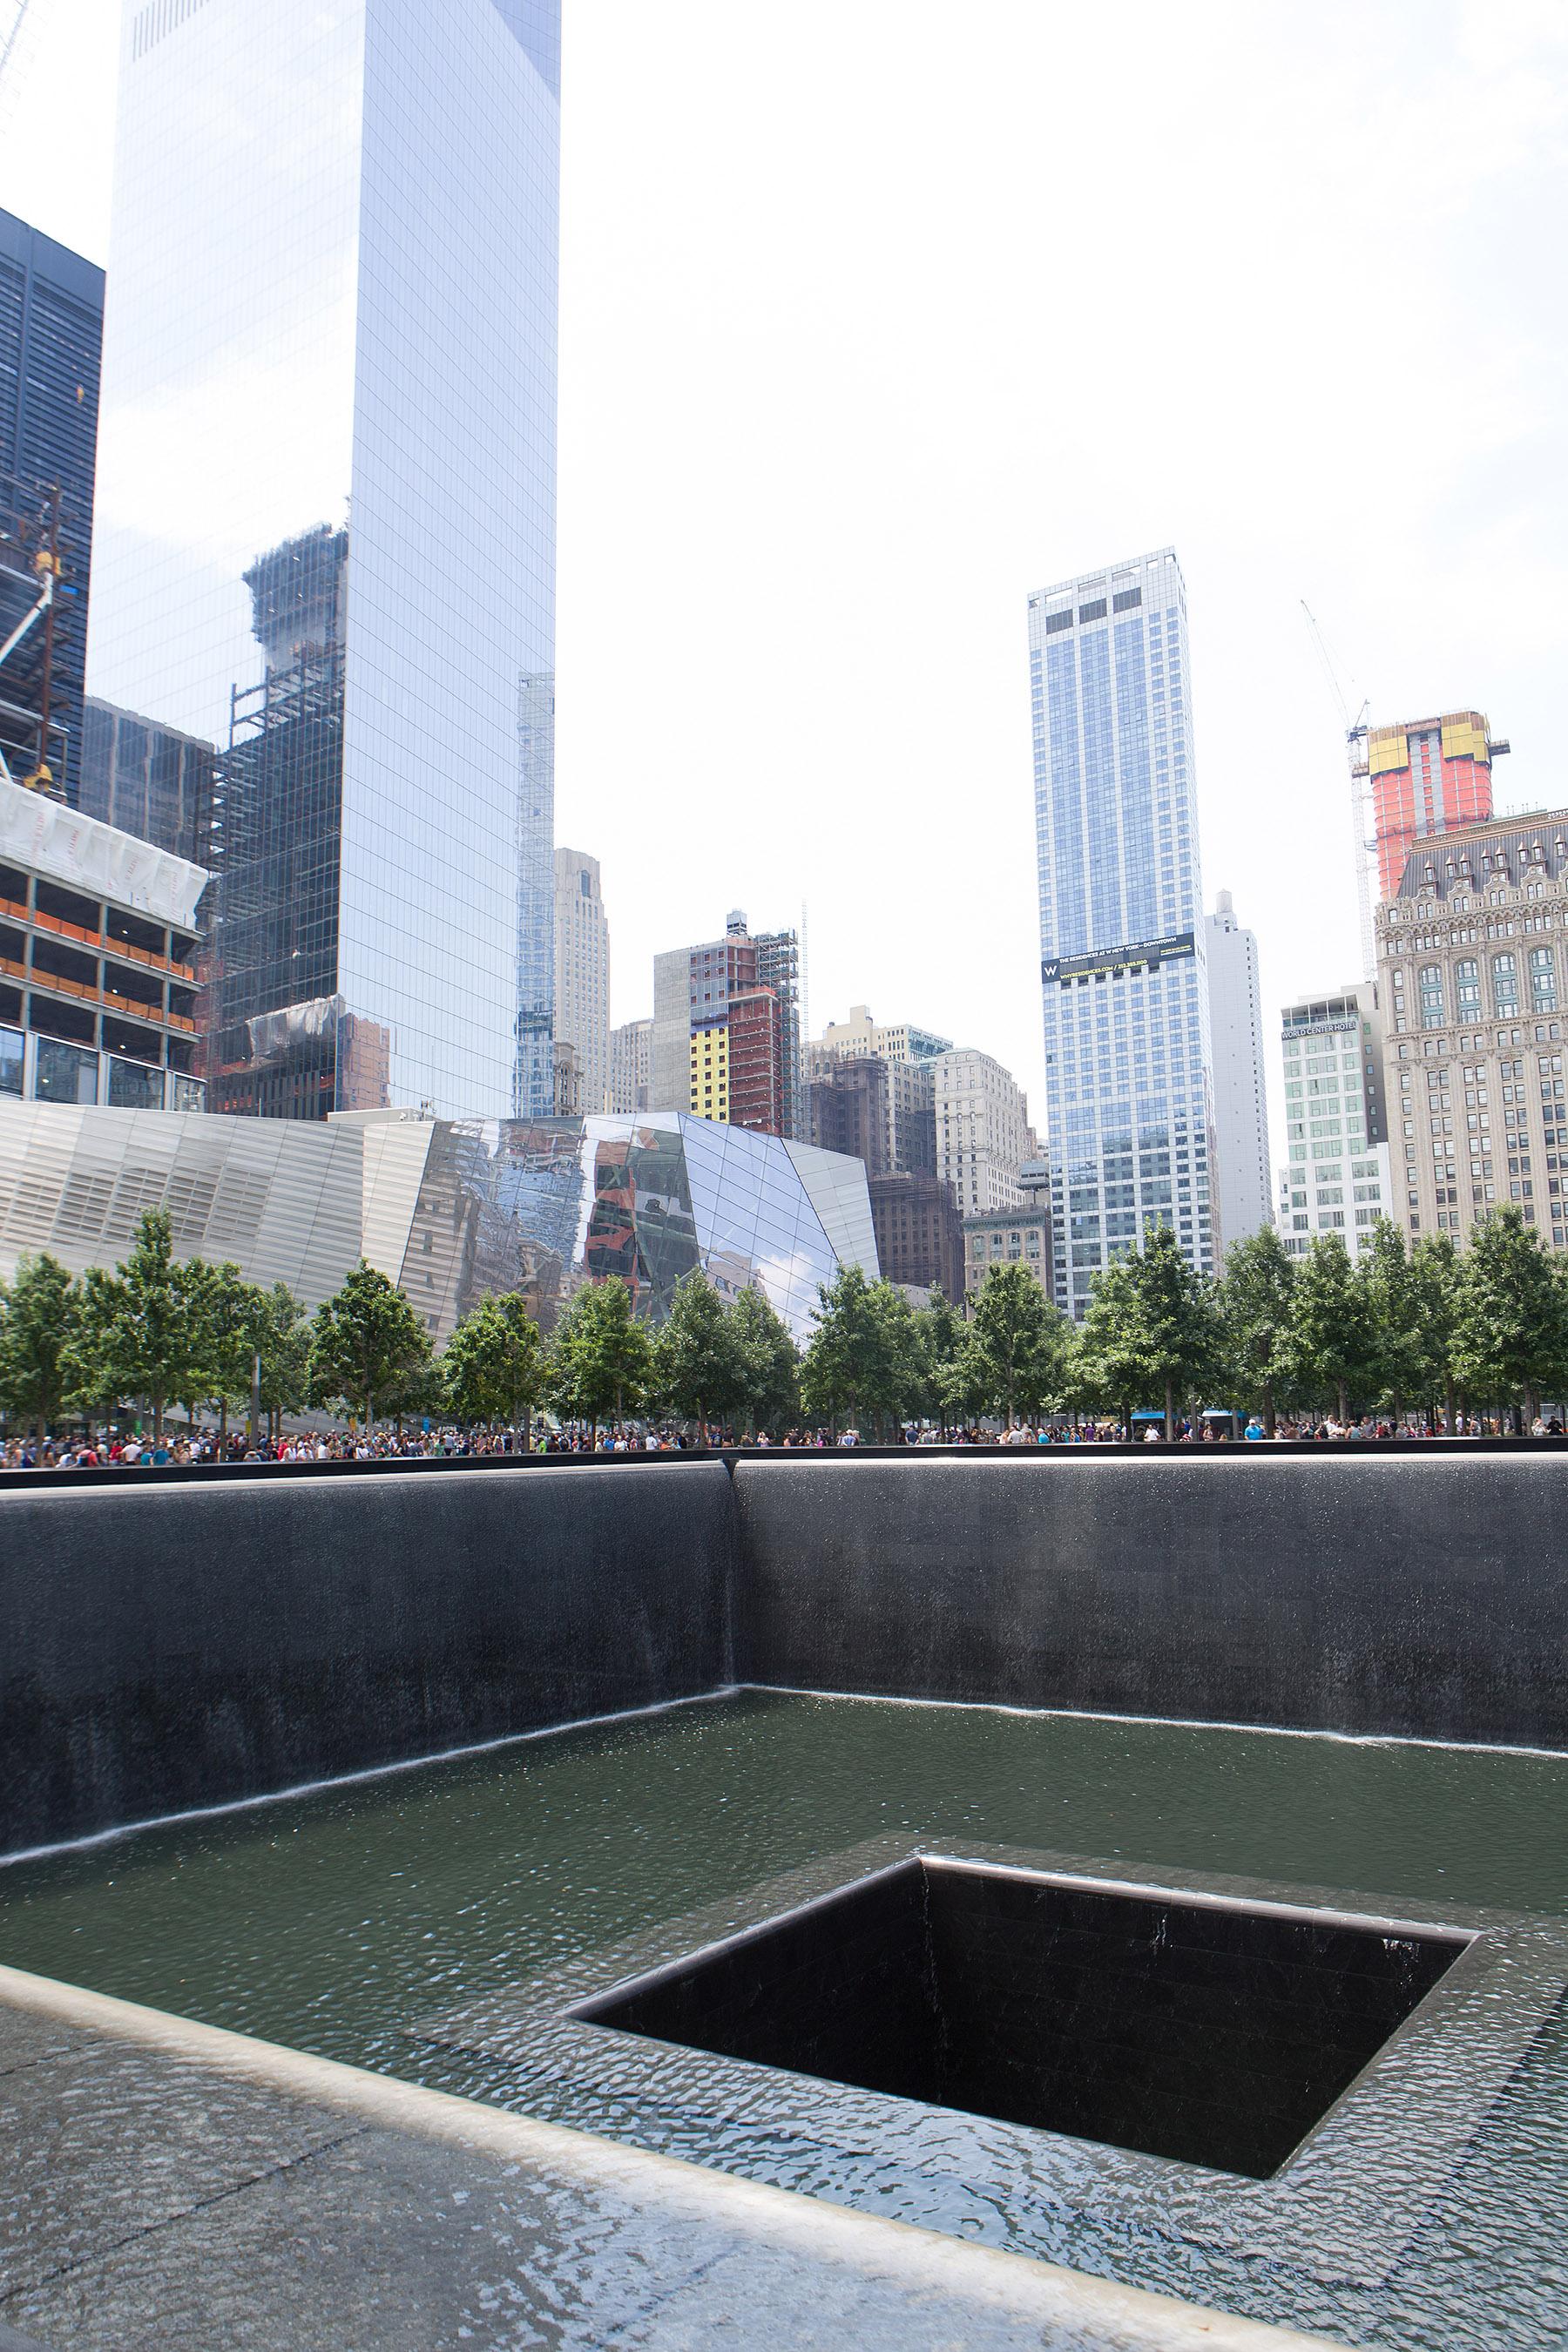 Visit the 9/11 Memorial & Museum